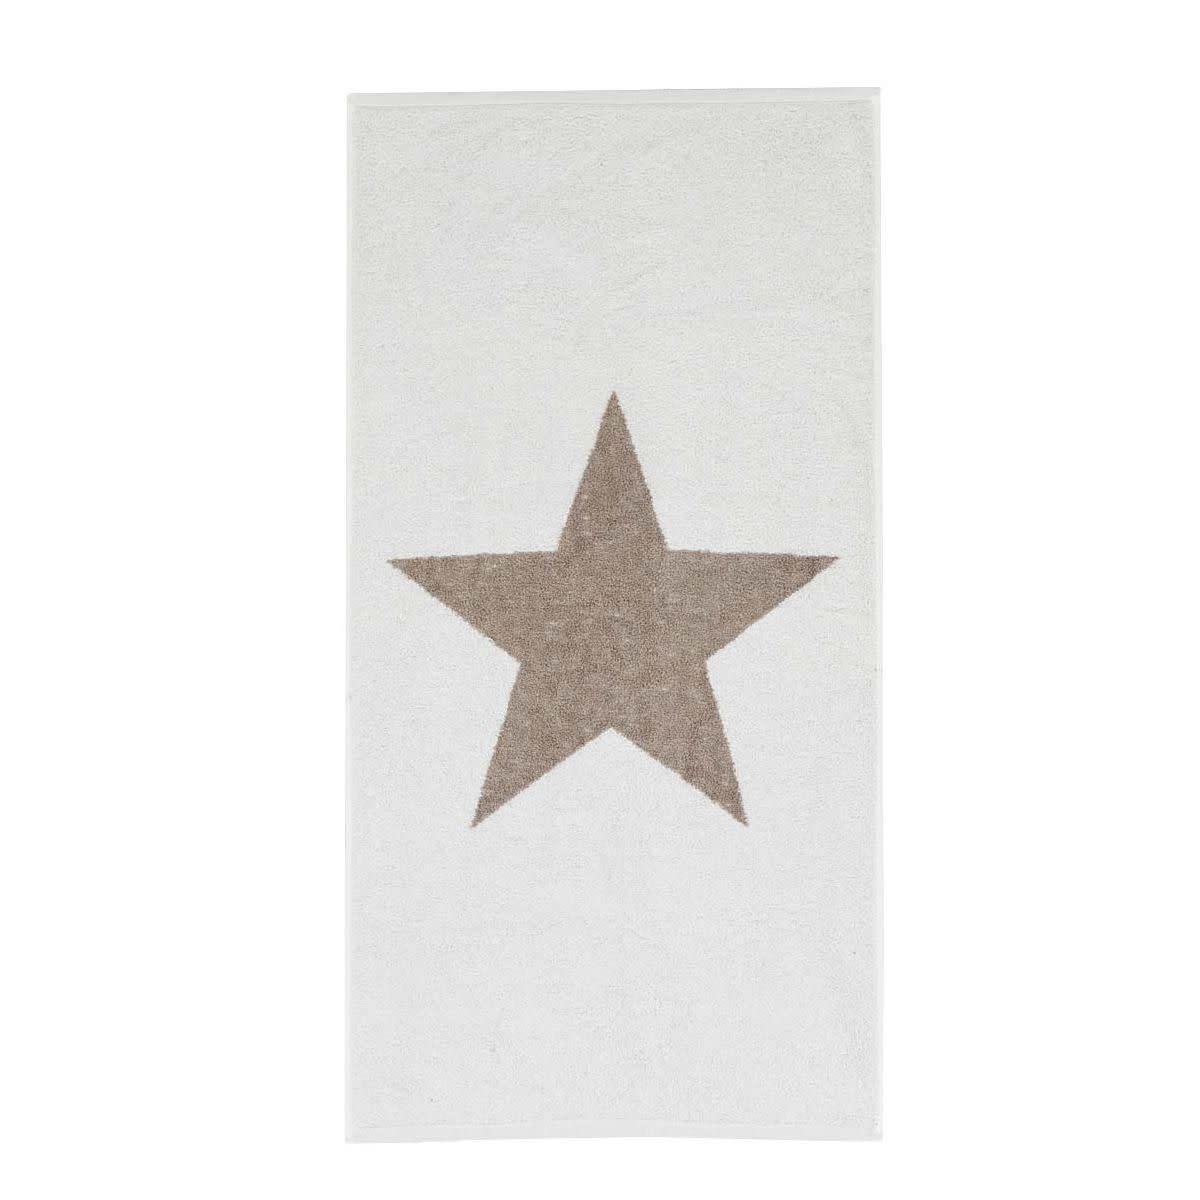 Handtuch mit Sternmotiv, Baumwolle 50x100 cm